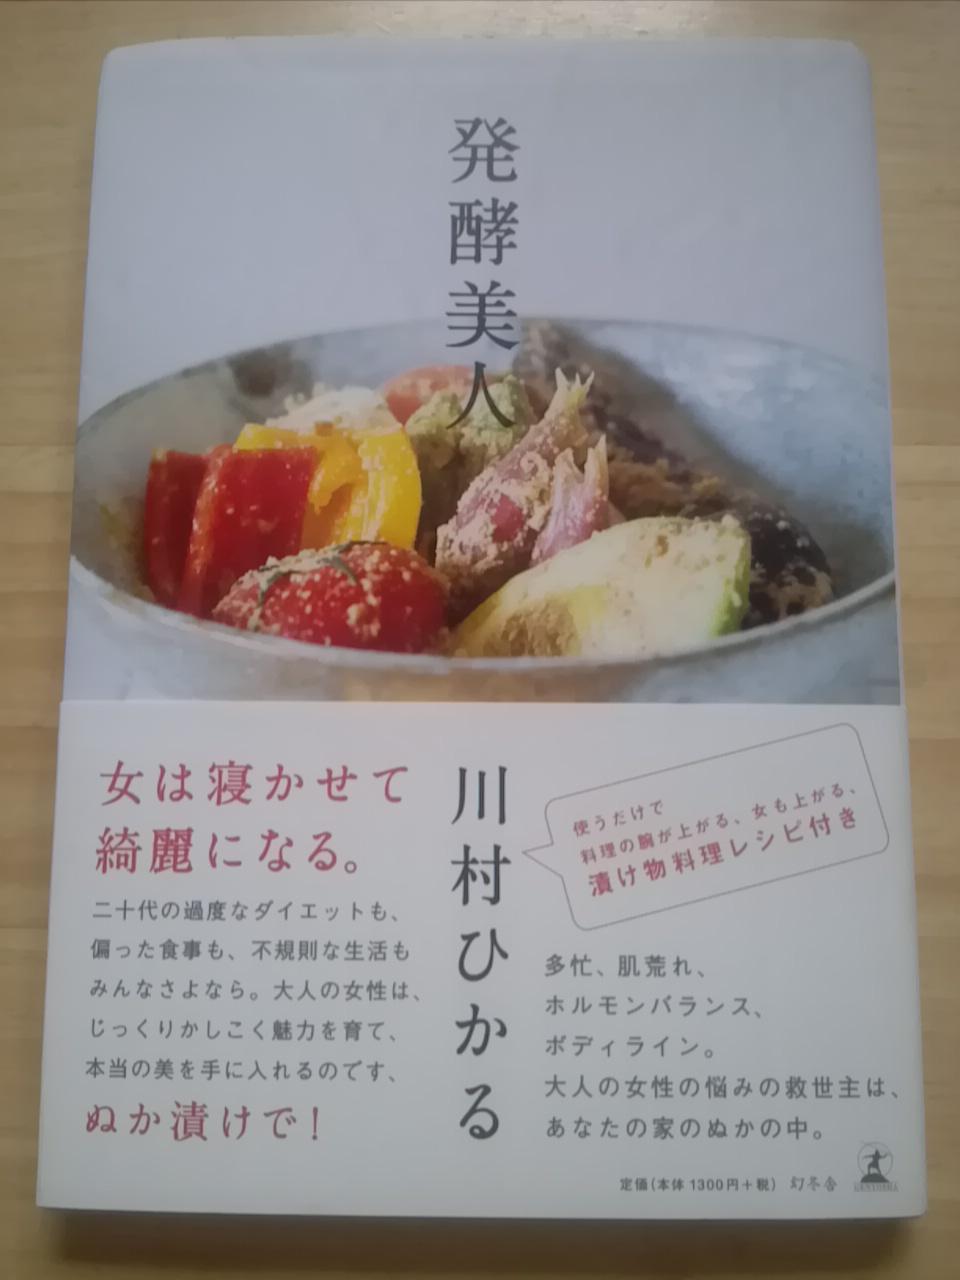 川村ひかるさんの本